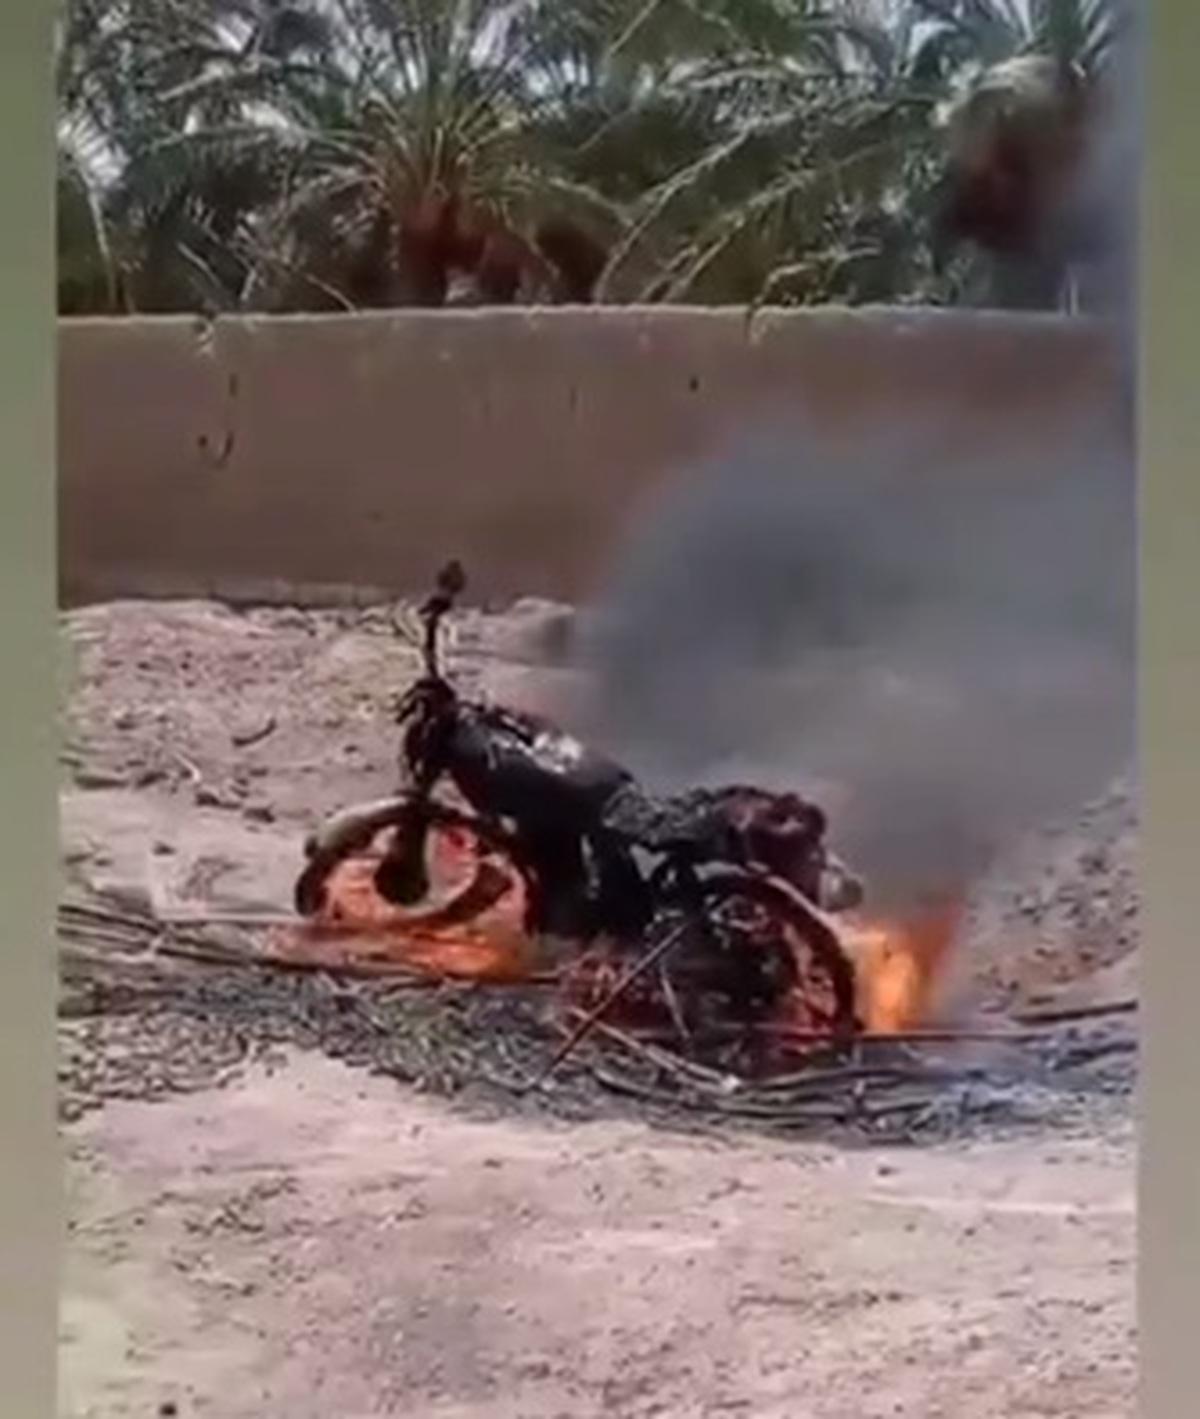 یک سارق رفته خرما سرقت کرده، موتورش رو گرفتن آتش زدن! + فیلم